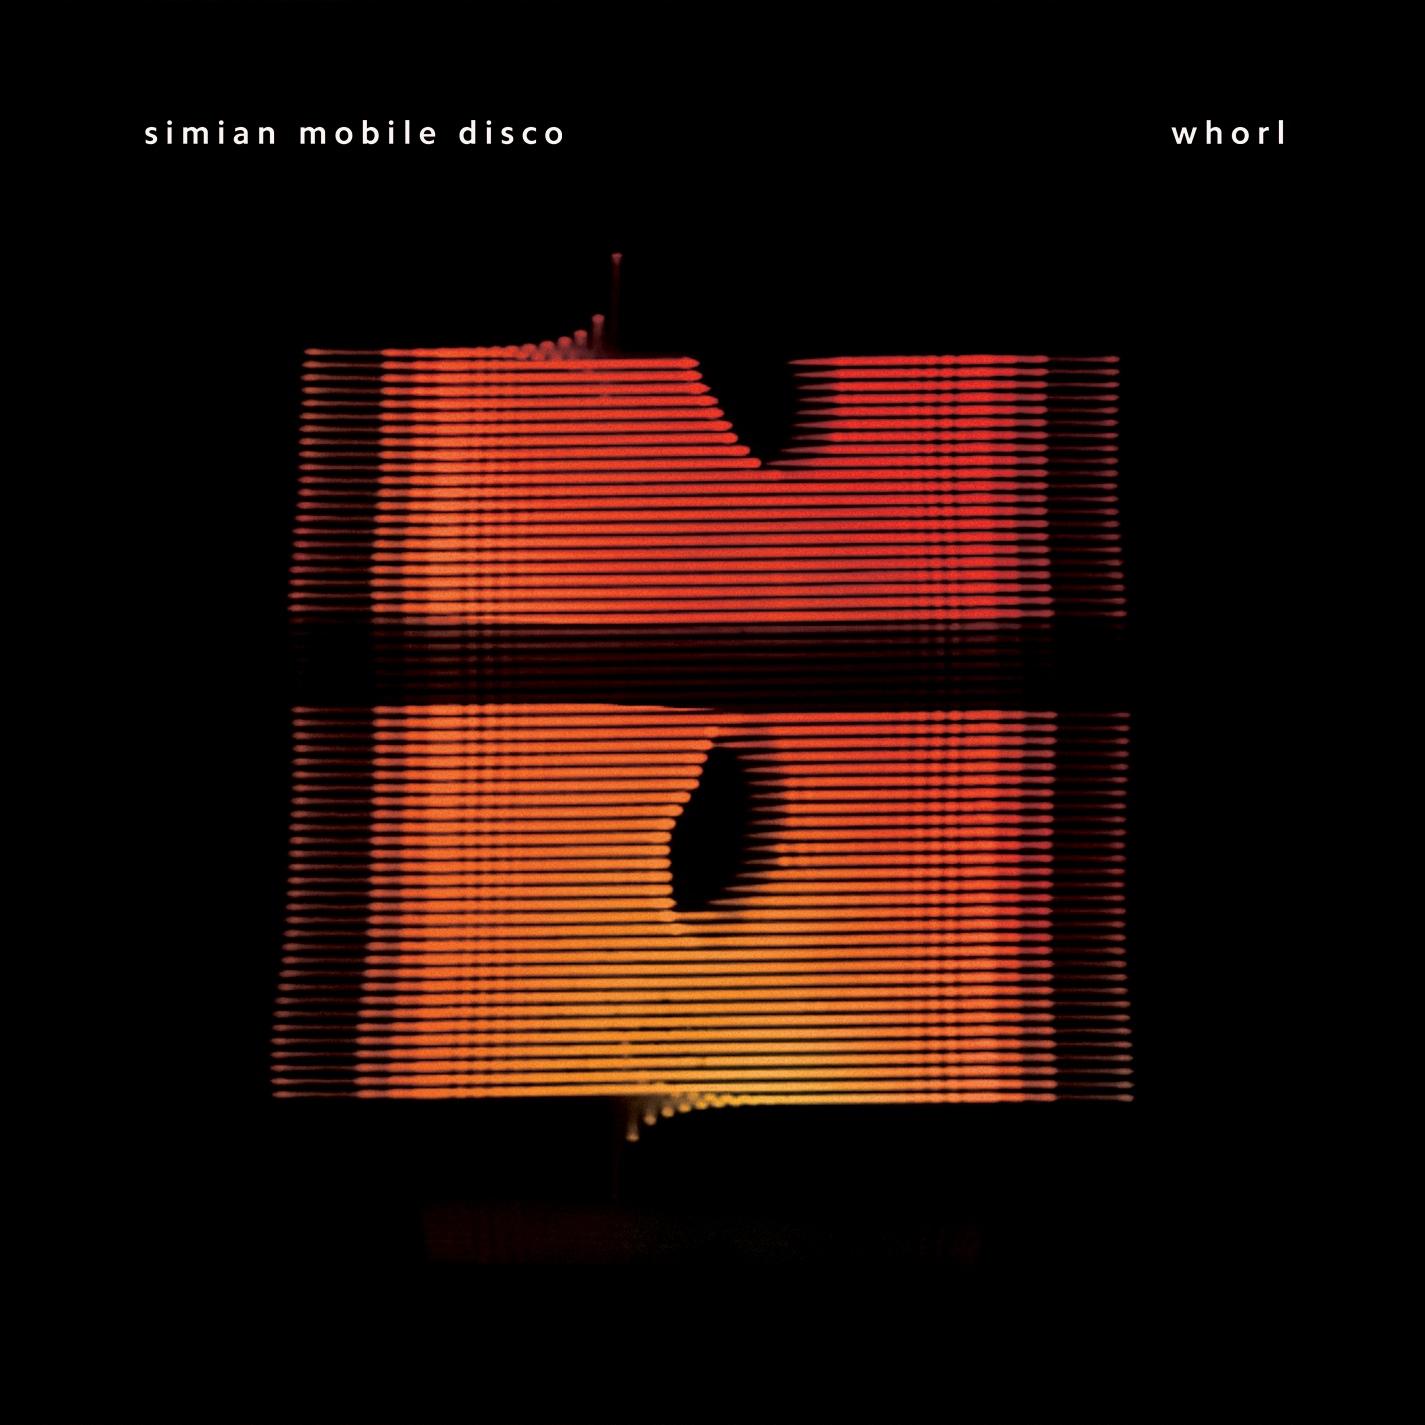 simian-mobile-disco-whorl